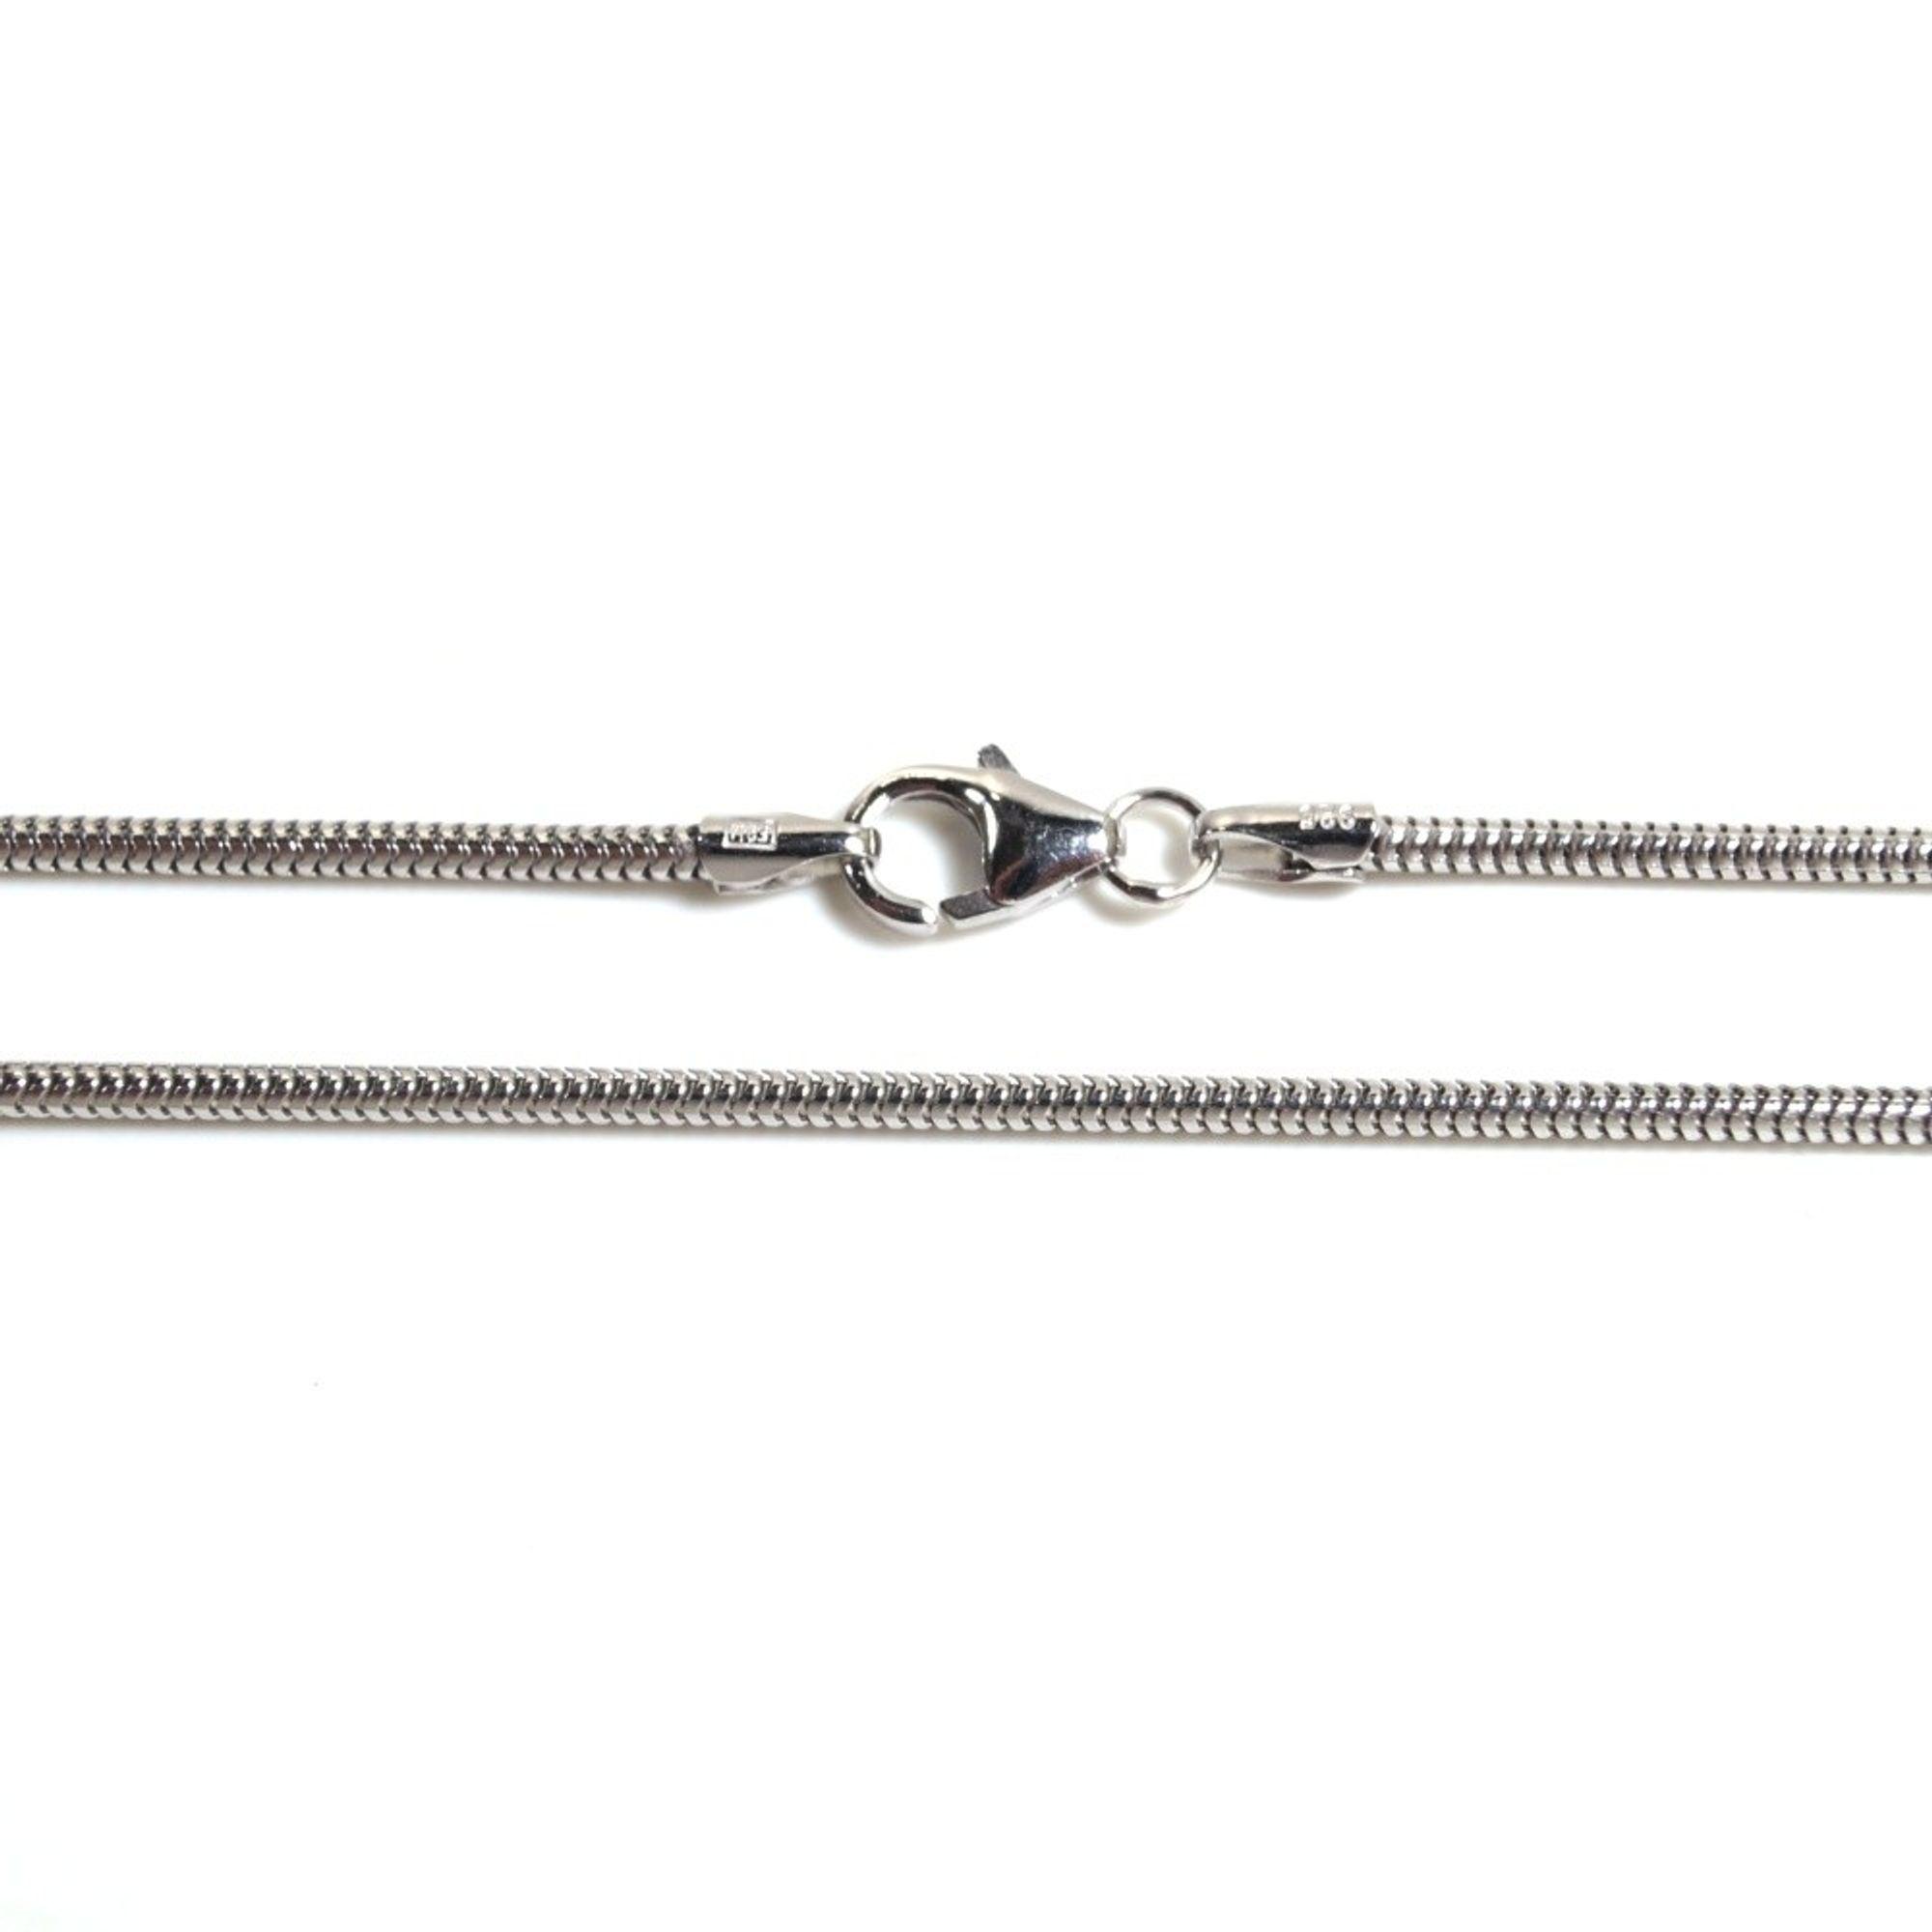 Basic Silber SC01.60.40R Kette Schlangen Unisex Halskette Silber 40 cm